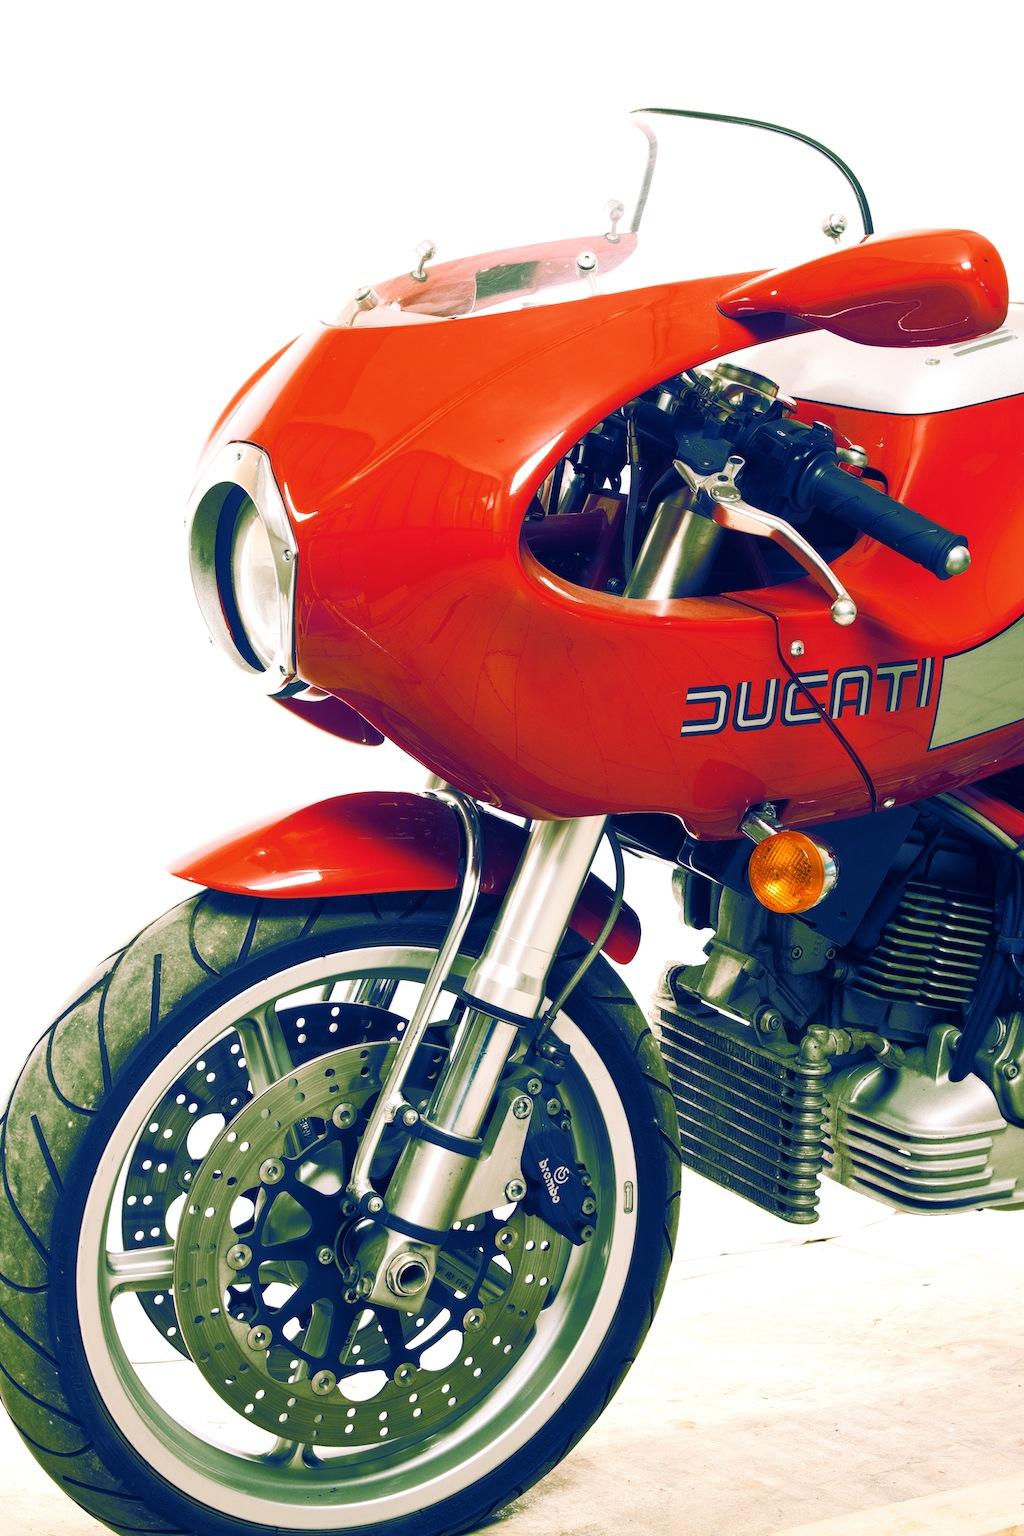 Ducati MHe 900e 15 Ducati MHe 900e